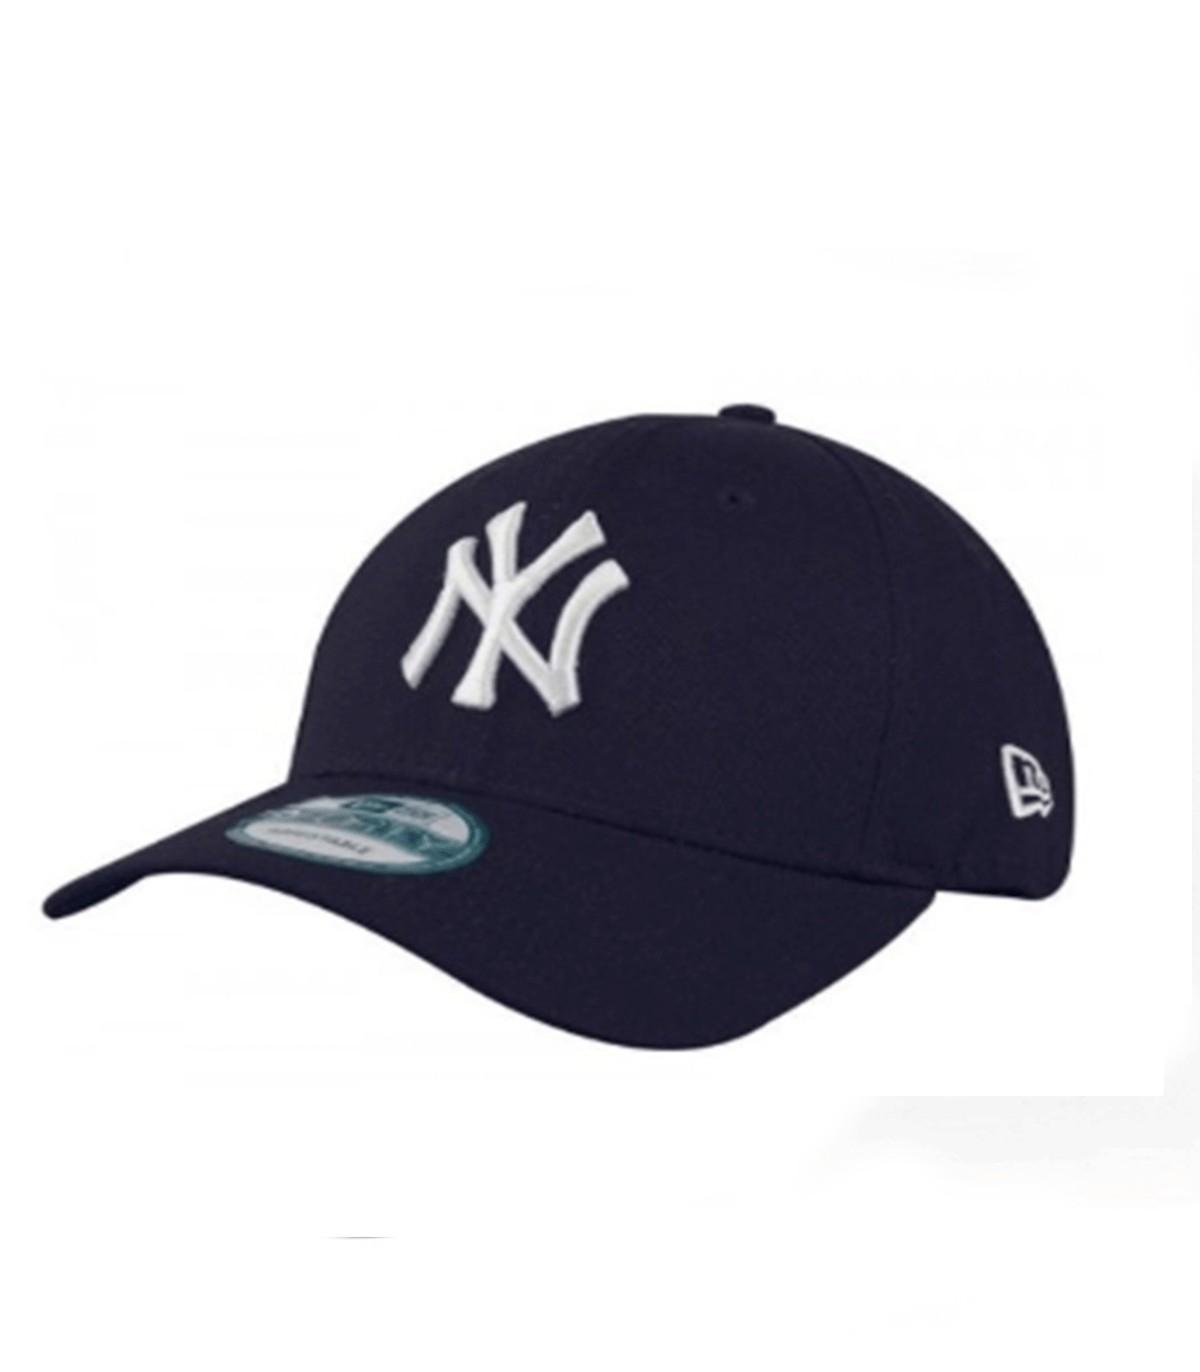 c61331b25c5f6 Gorra New Era New York Yankees